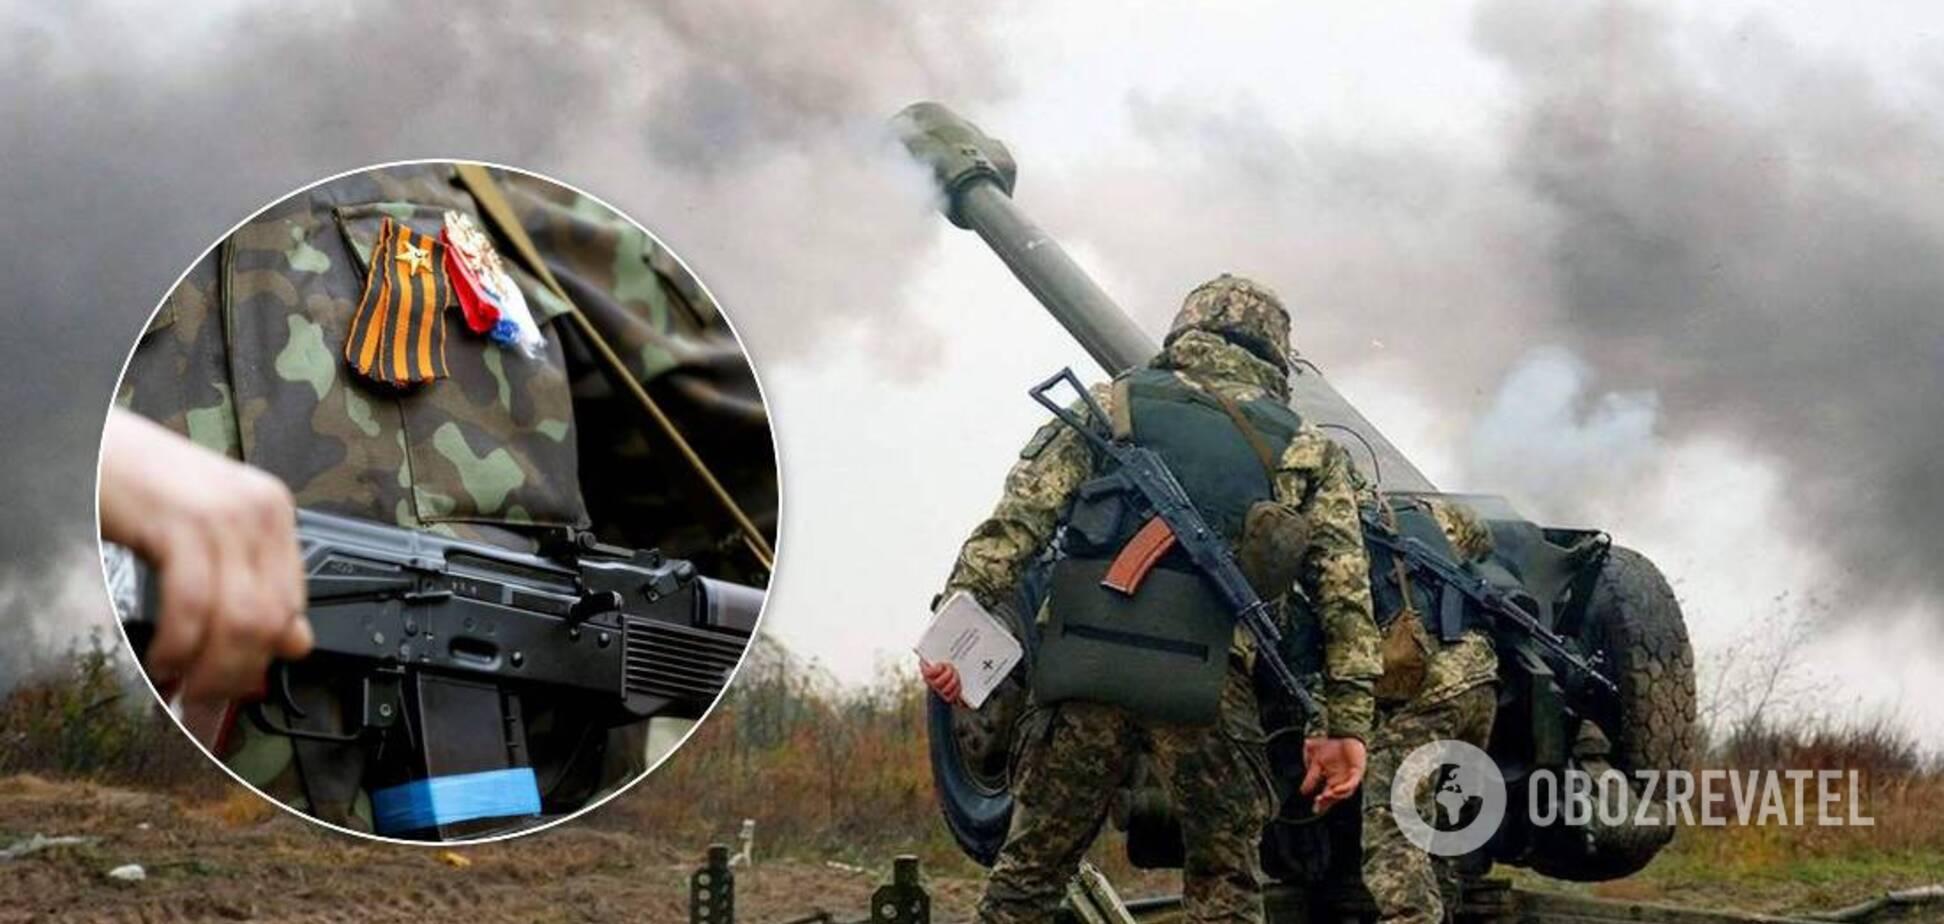 На Донбасі розв'язалися важкі бої: вбито воїна ЗСУ, є поранені